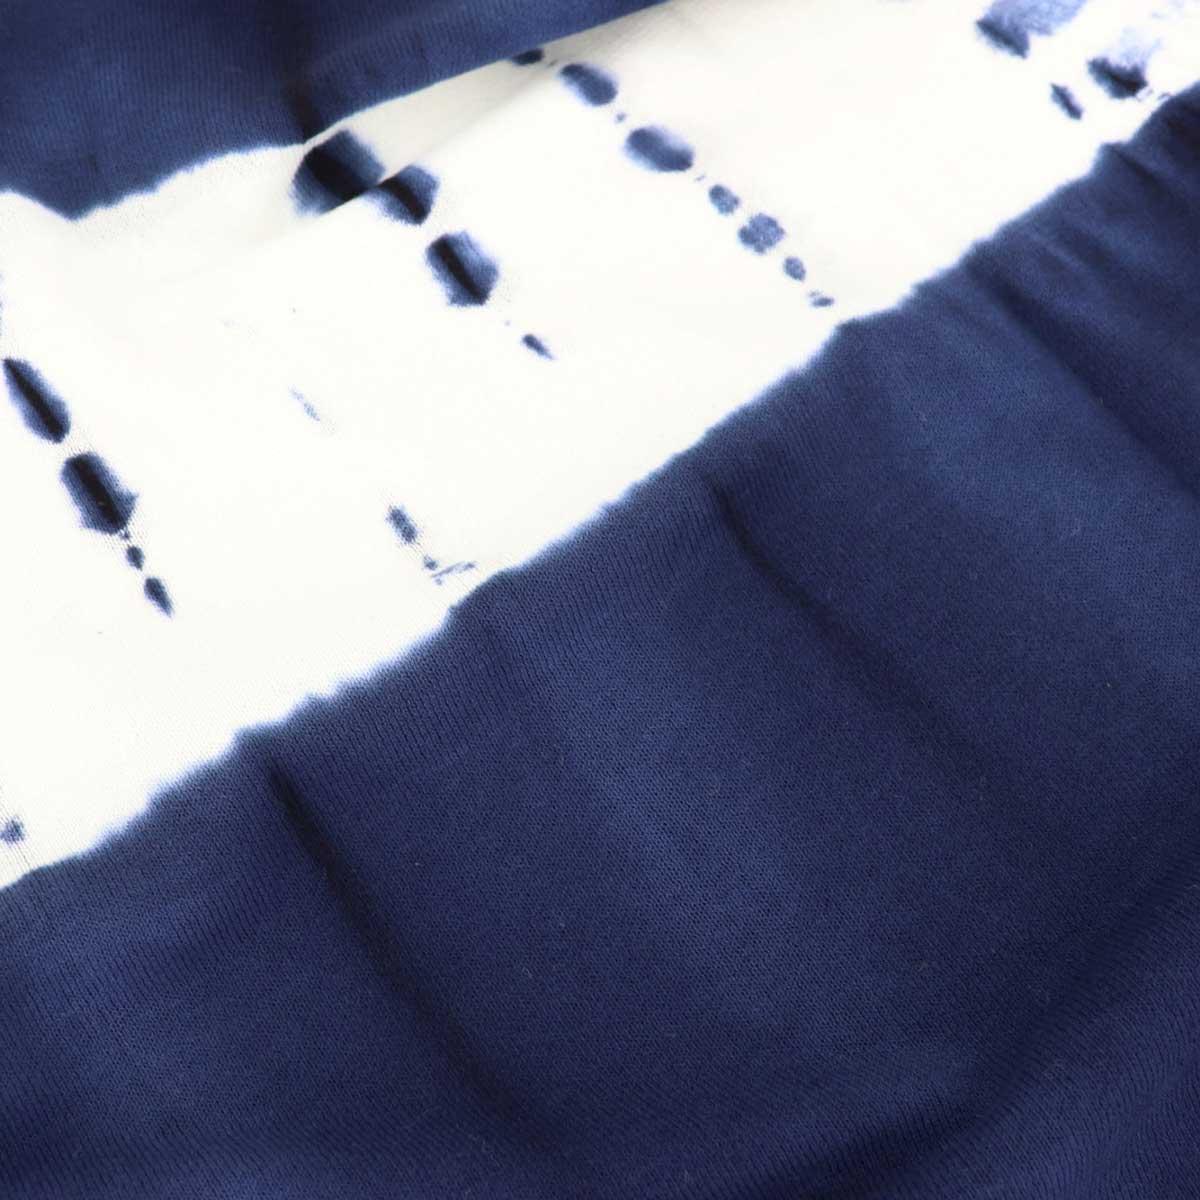 【クリアランスセール】ウールアンドコ WOOL&CO メンズ コットン クルーネック 半袖 タイダイ染め サマーニットセーター WO2110 228-16426 79(ネイビー)【返品交換不可】